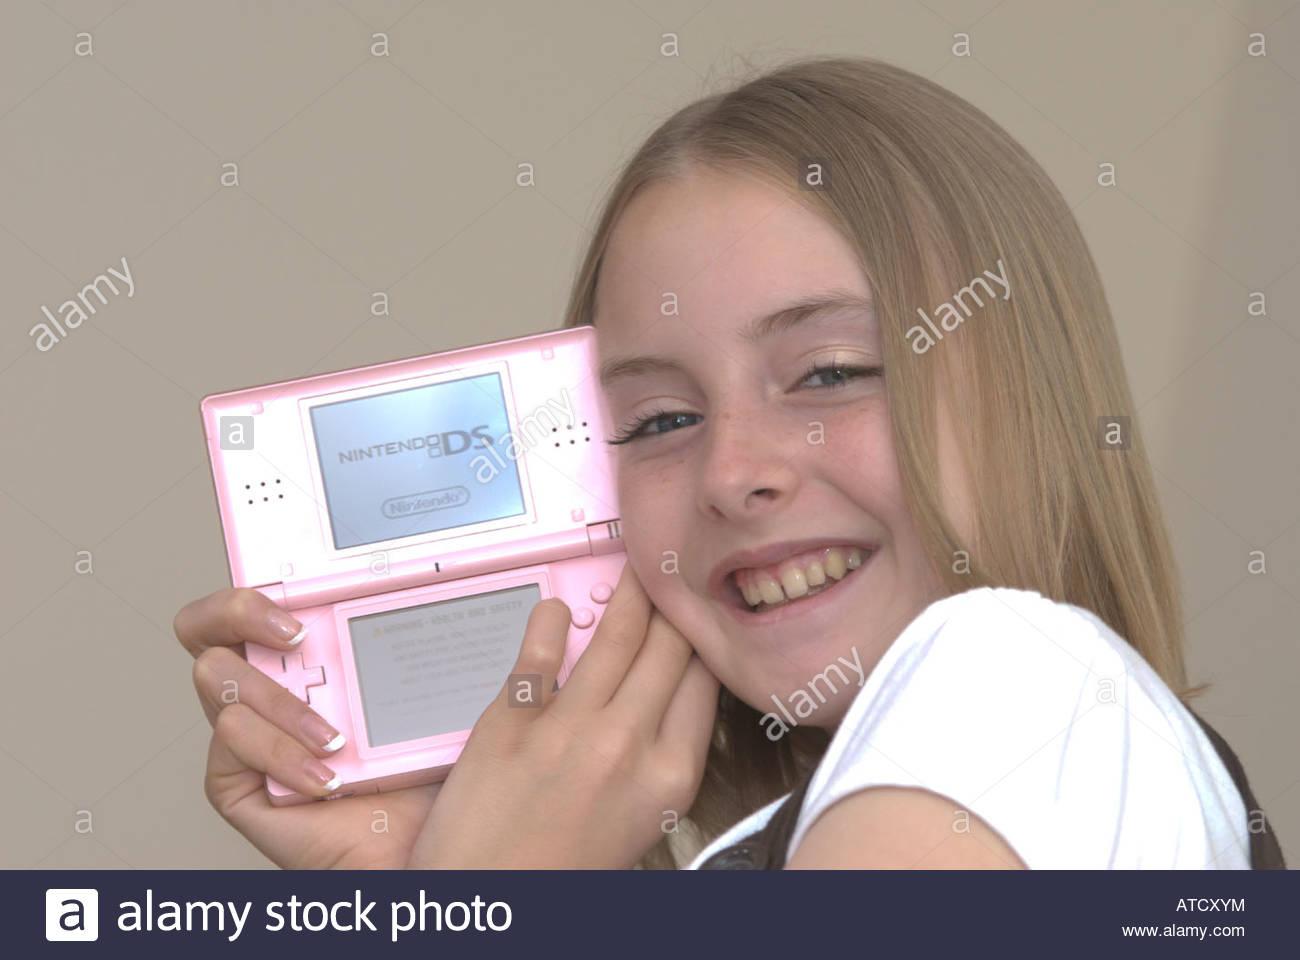 Jeune Fille Tenant Une Console De Jeux Nintendo Ds Lite Uk concernant Recherche De Jeux De Fille